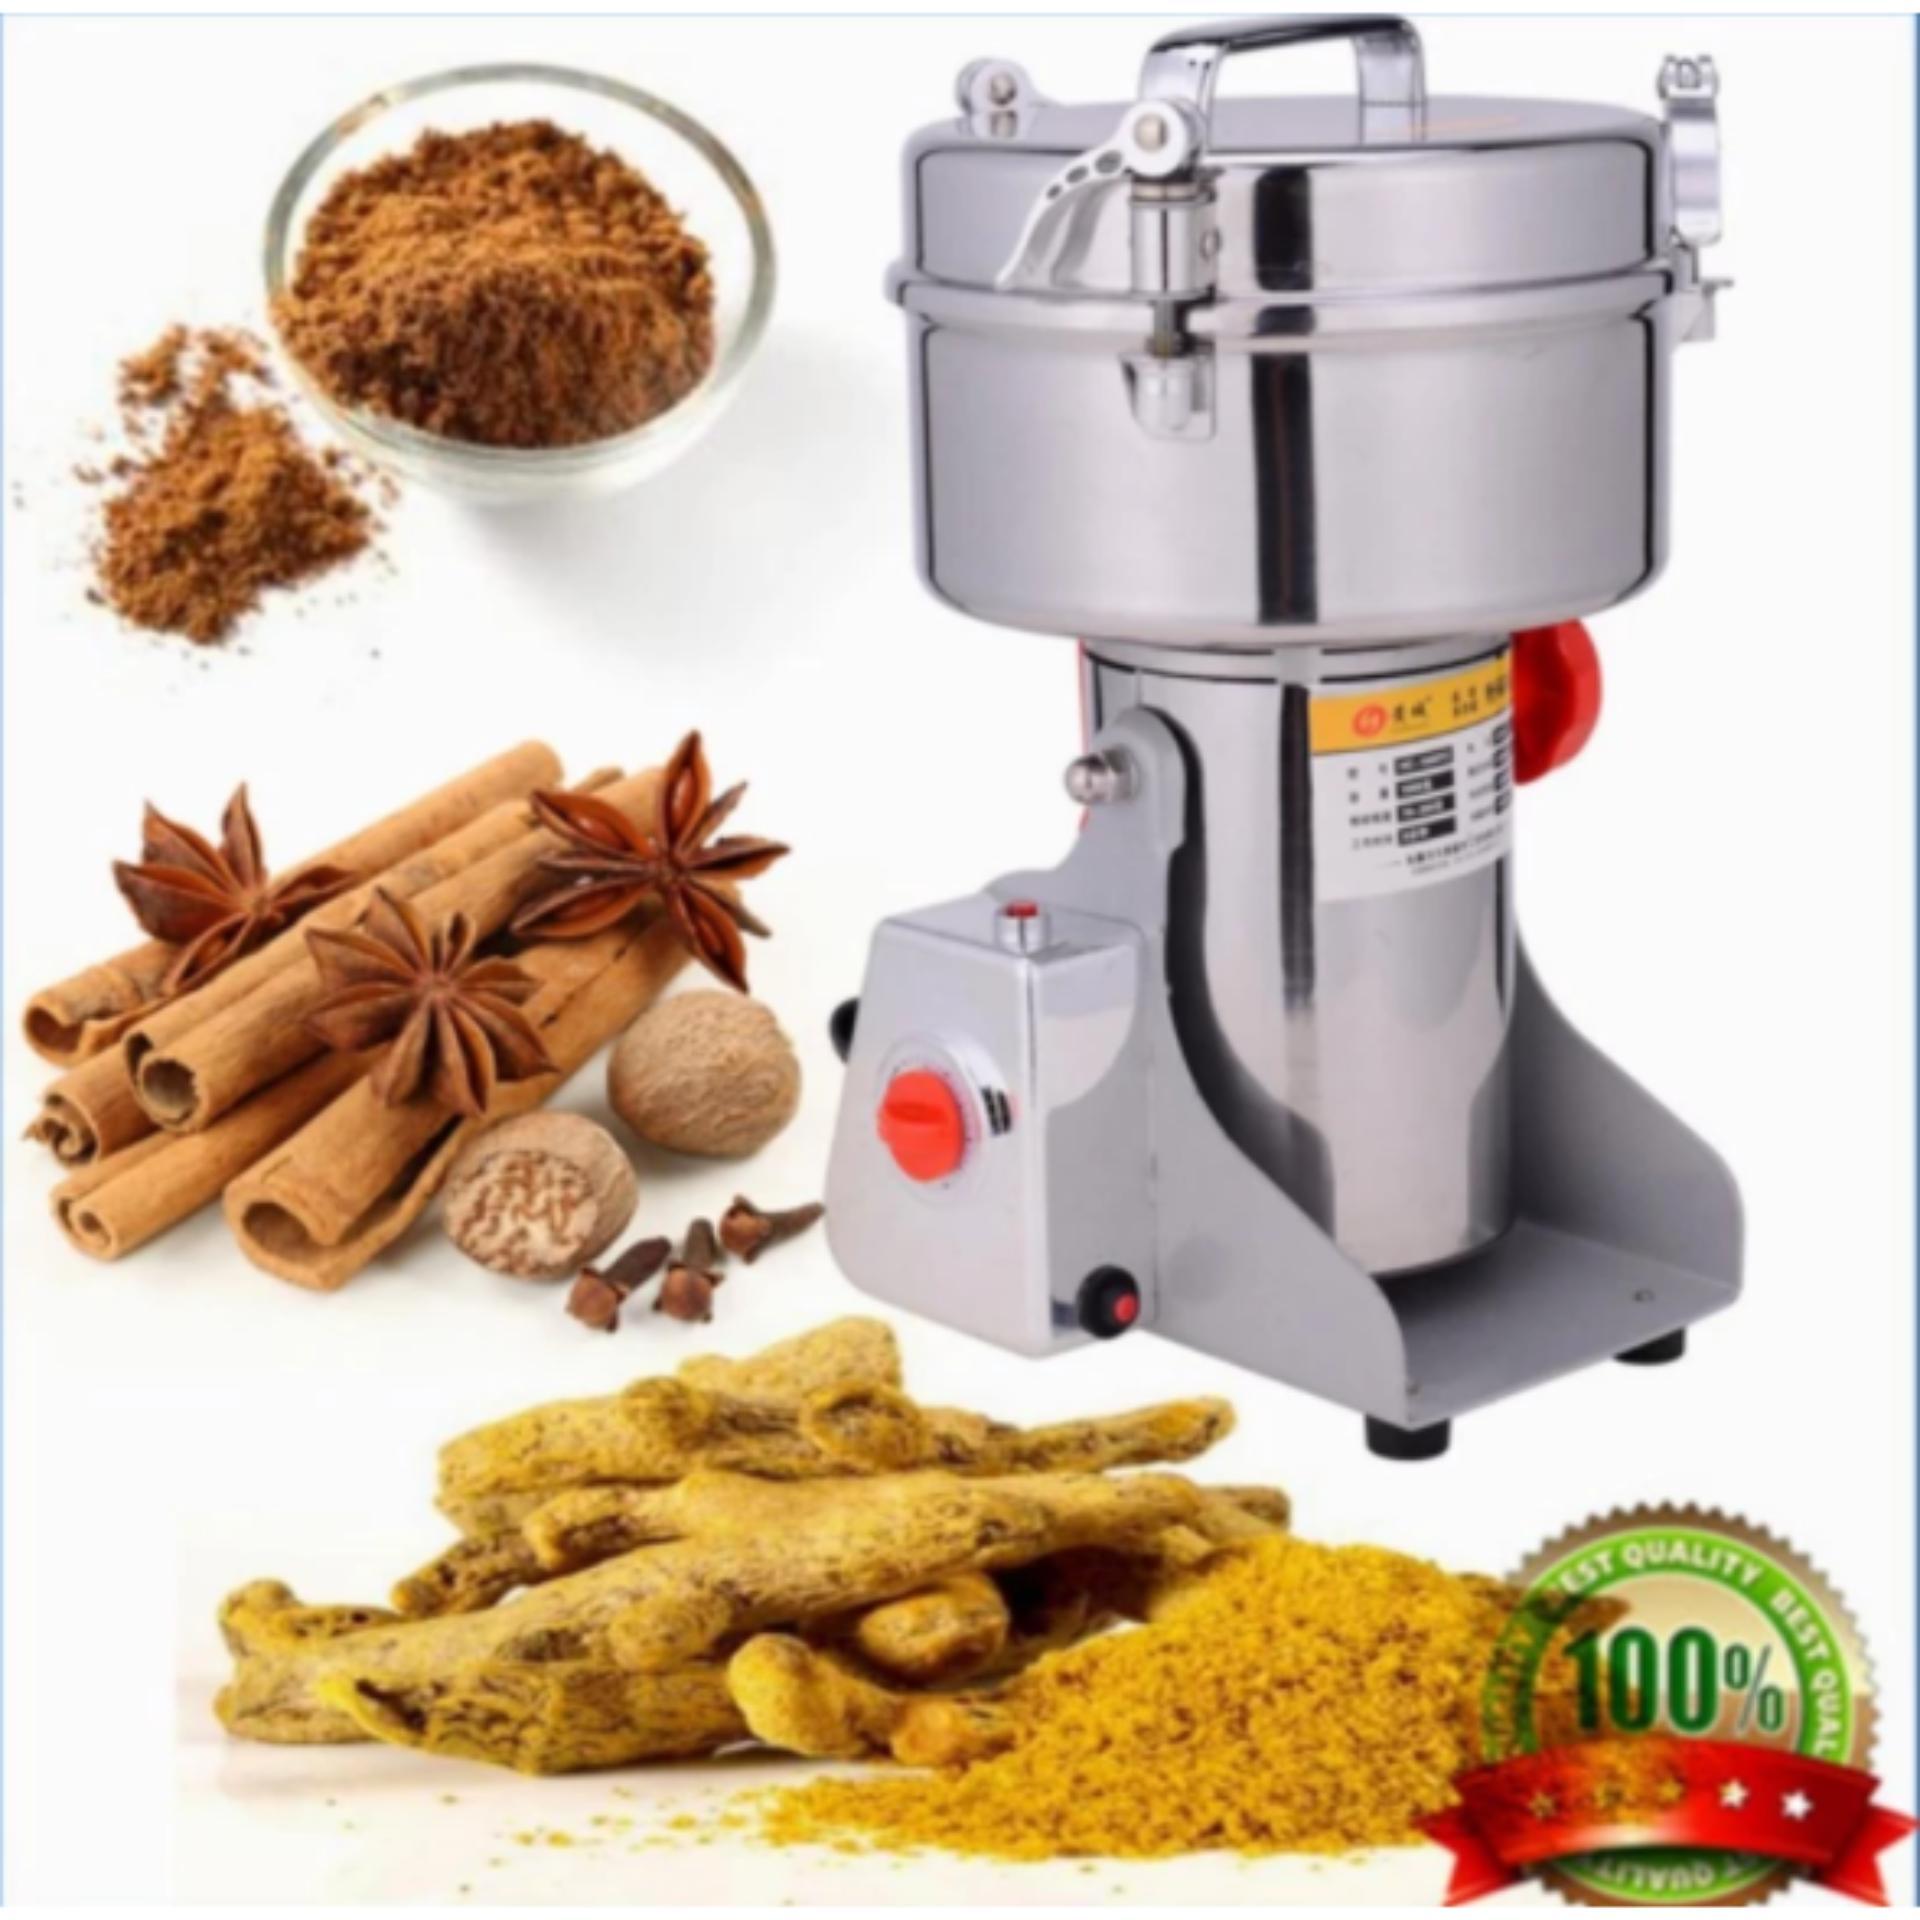 Máy nghiền bột khô 300g (Inox)